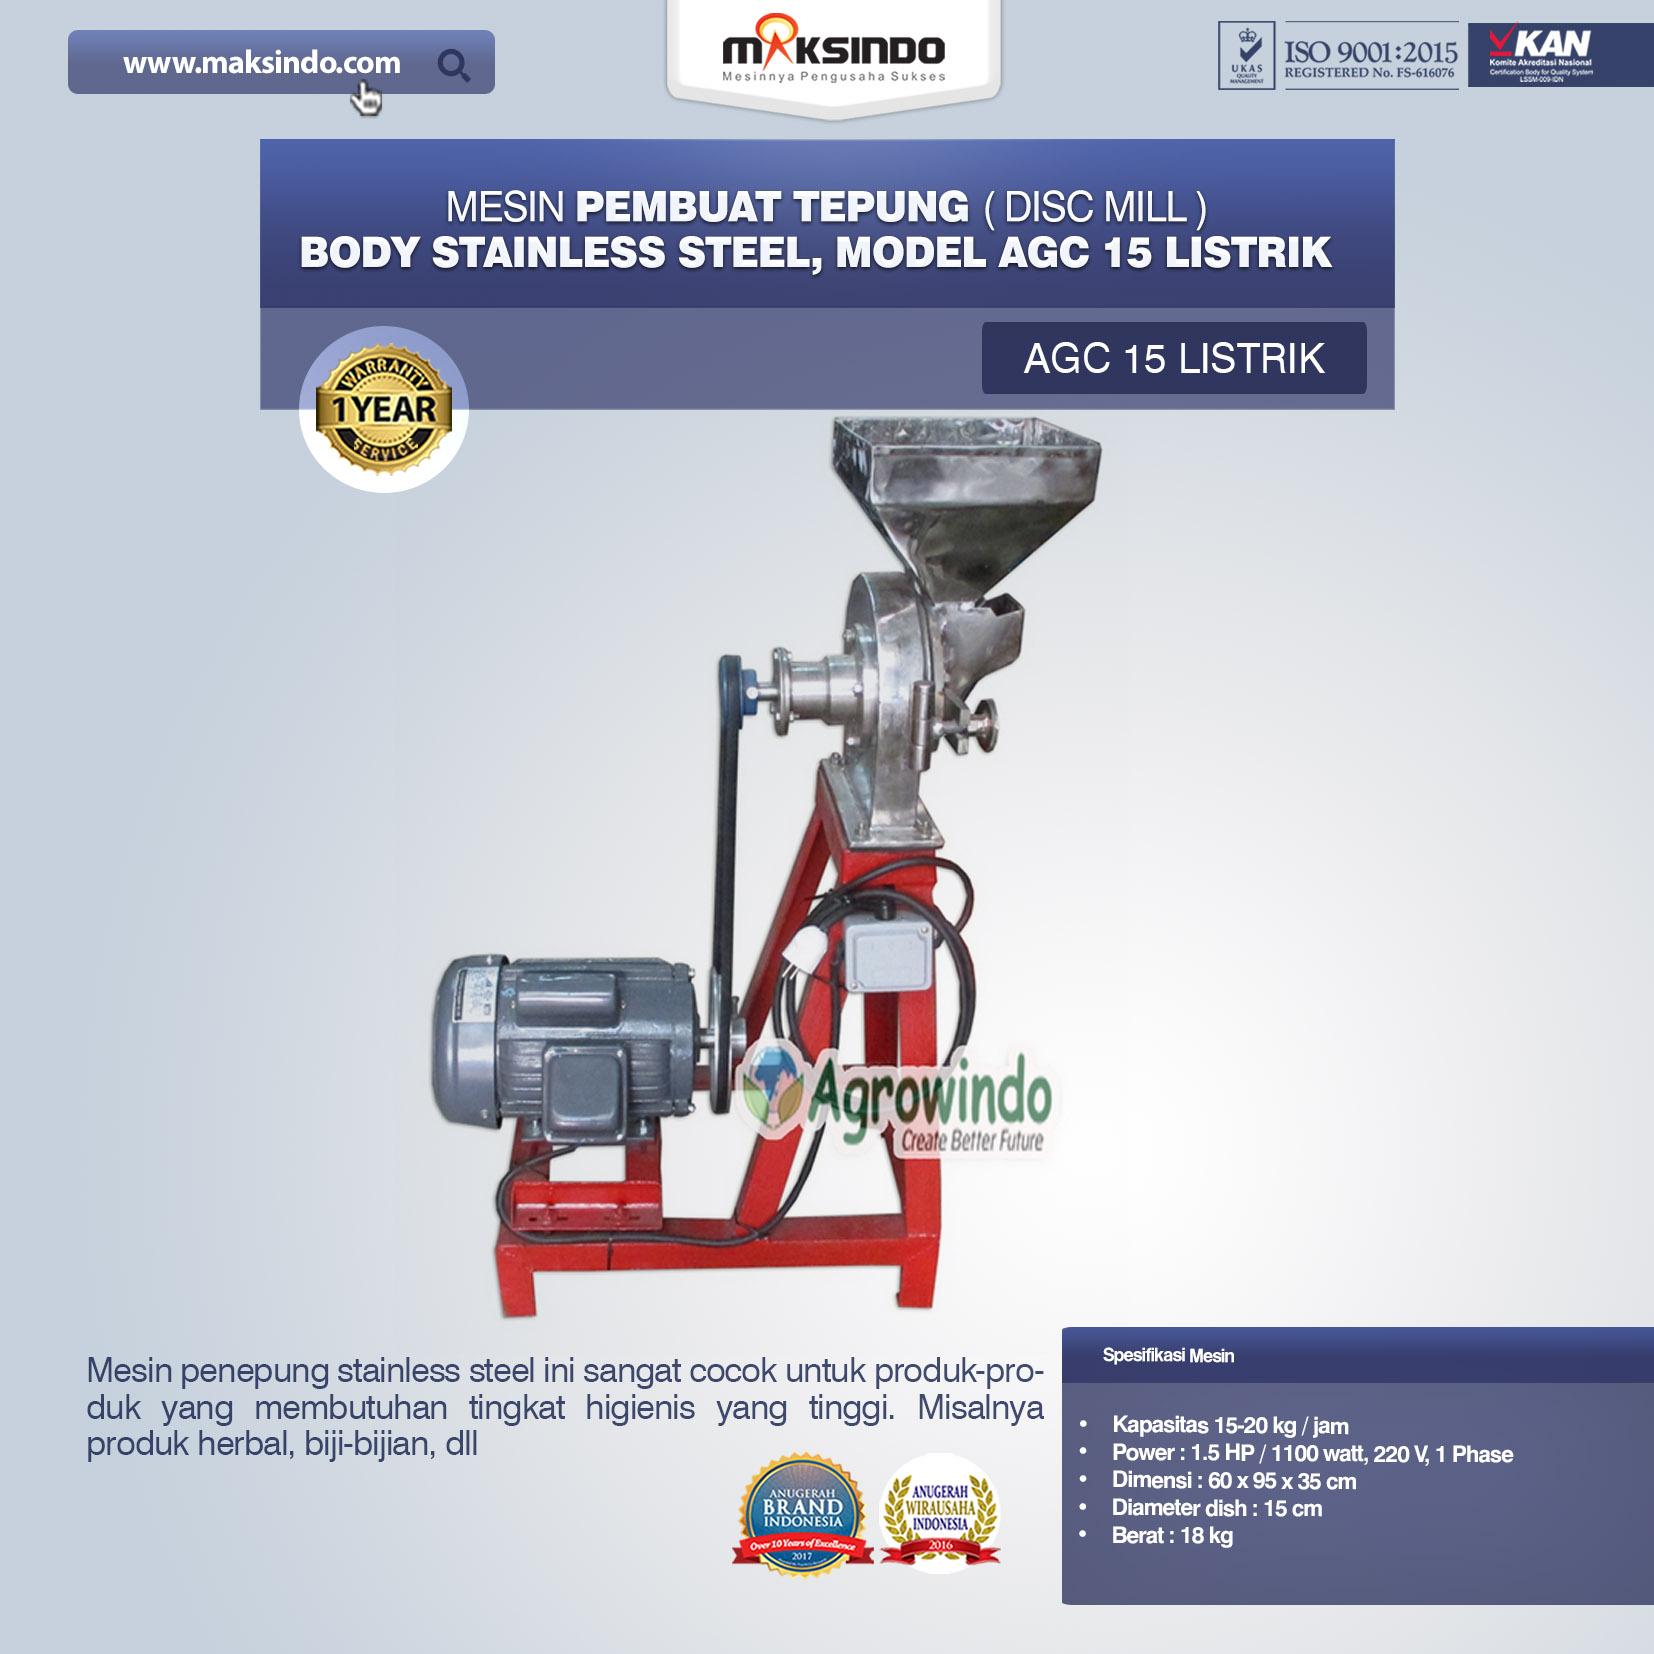 Mesin Penepung Disk Mill Body Stainless Steel AGC 15 Listrik